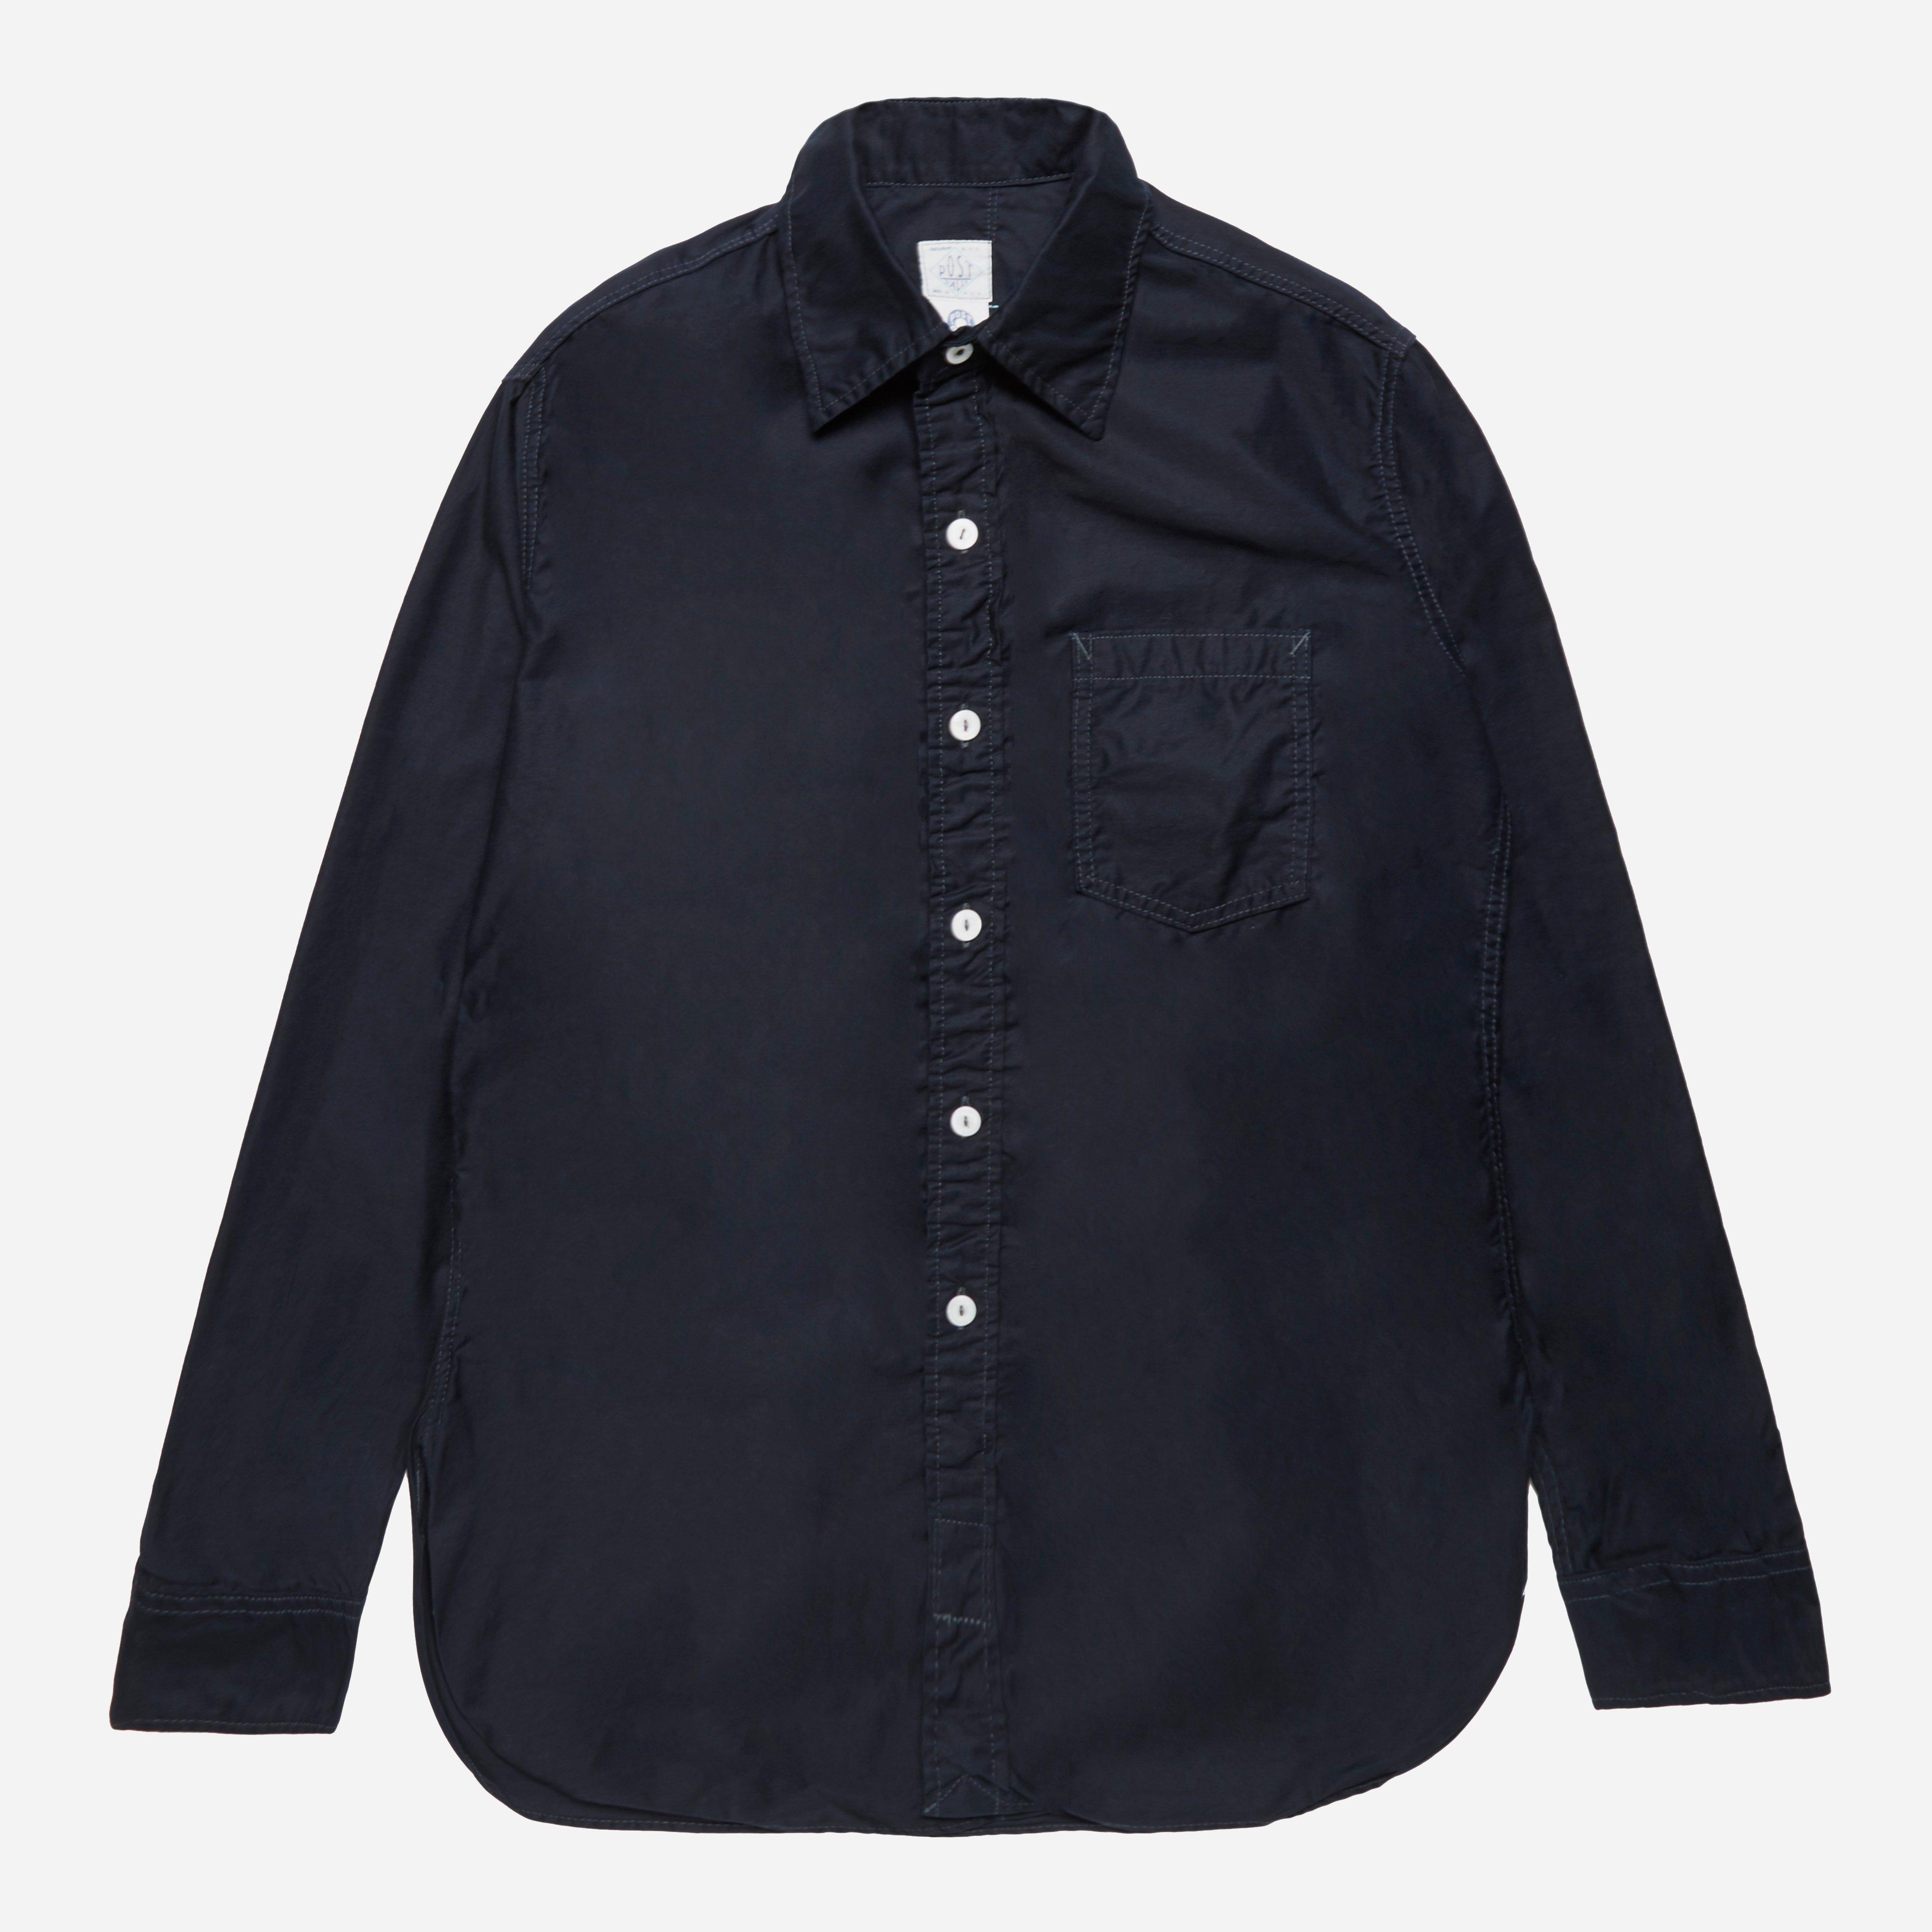 Post Overalls HBT Denim Shirt